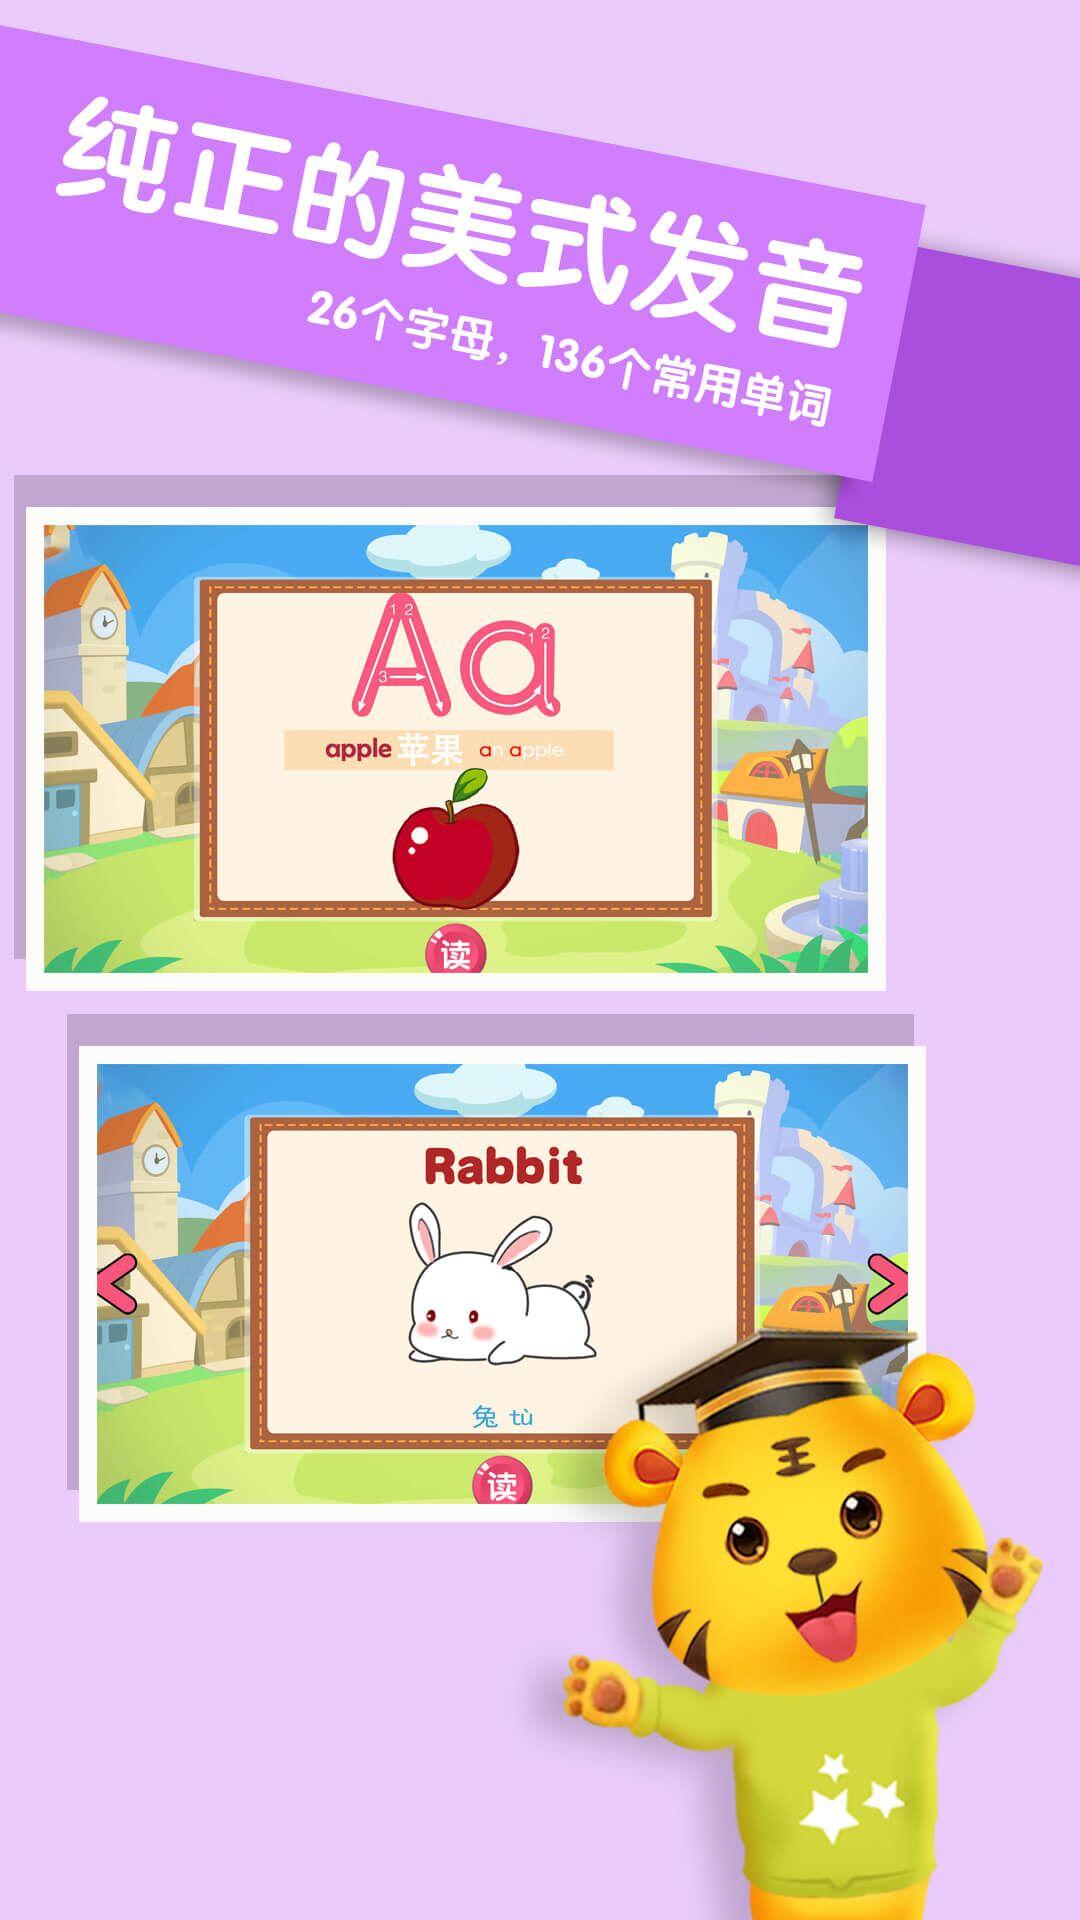 儿童学英语游戏-应用截图